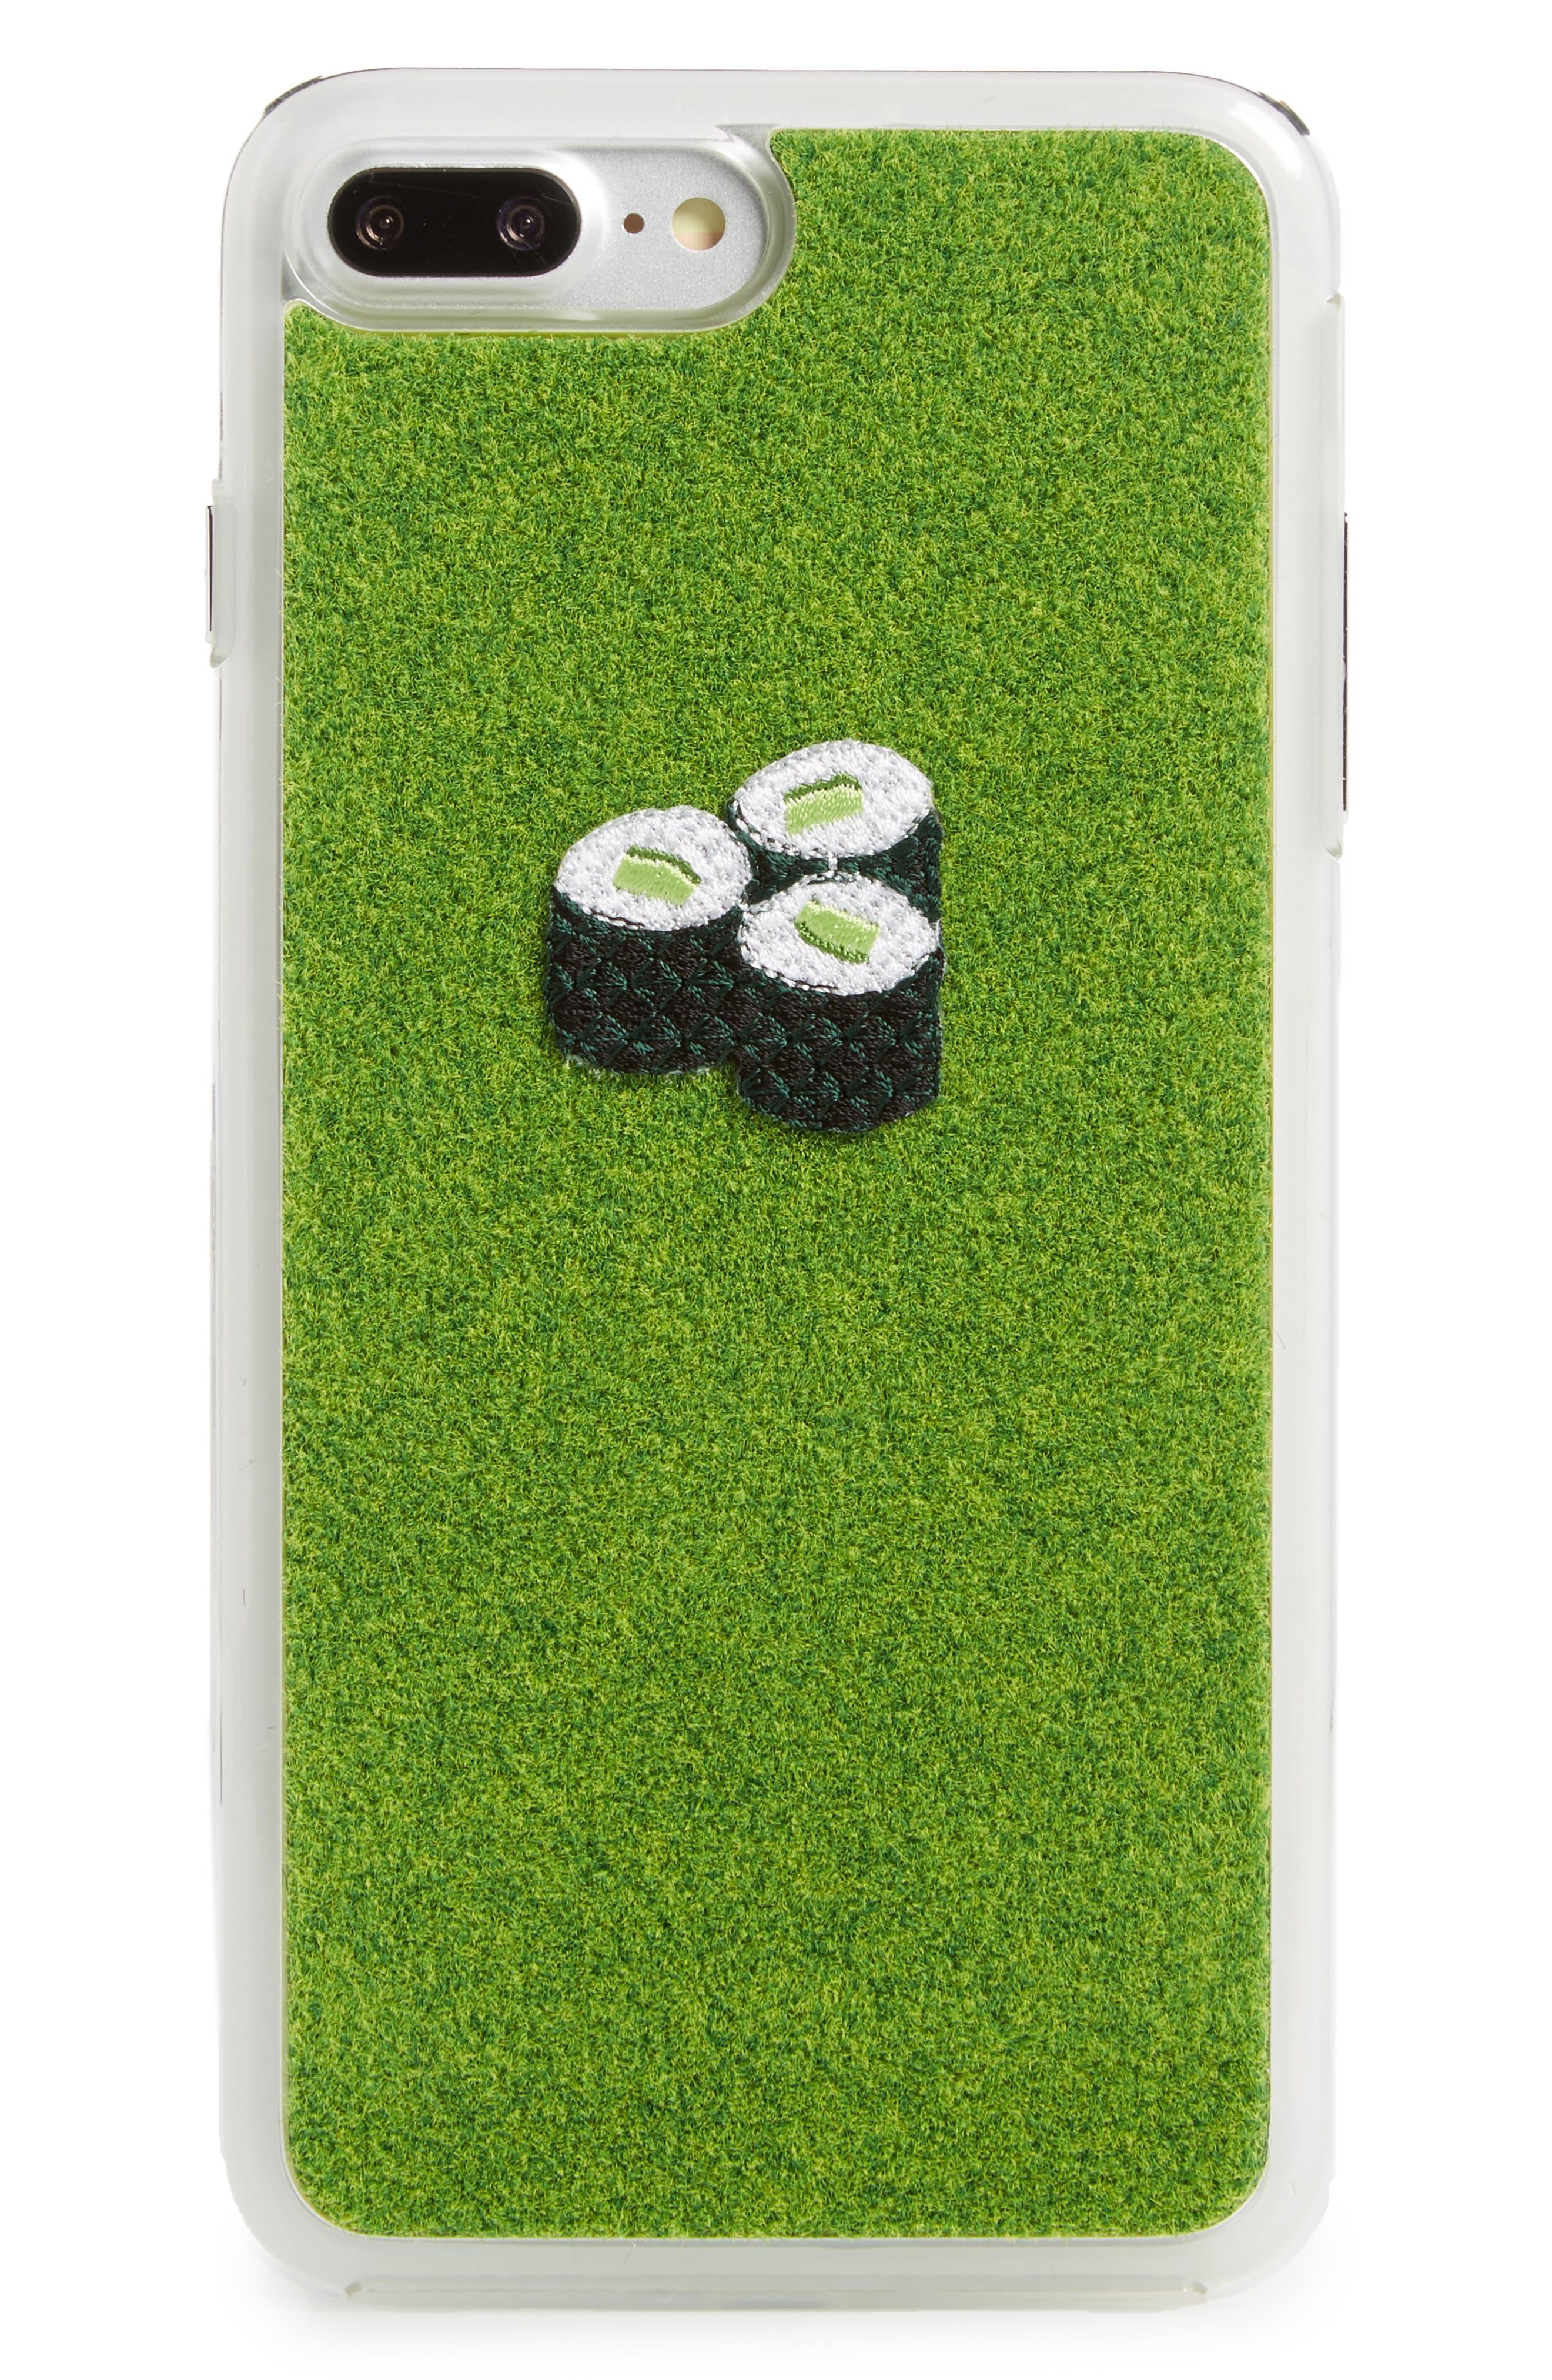 Shibaful Sushi Kappa iPhone 7 & iPhone 7 Plus Case